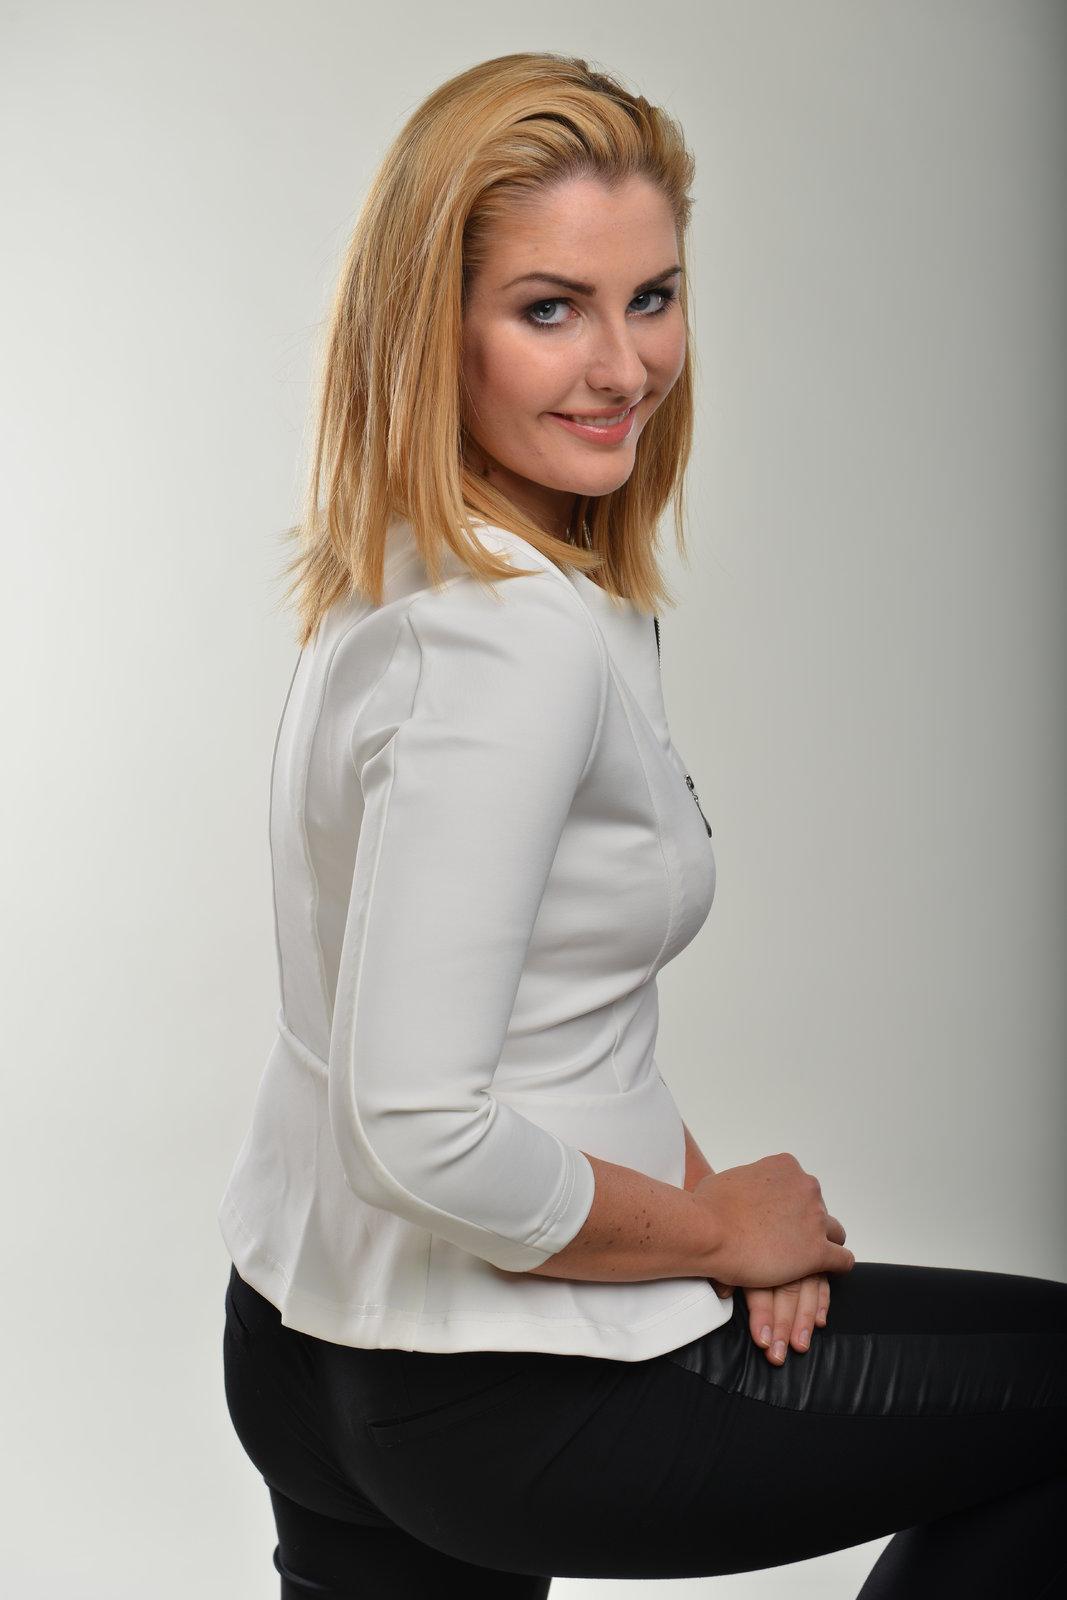 Kate jako dlouhovlasá blondýnka pár měsíců před zvolením jejího táty prezidentem. (leden 2013)